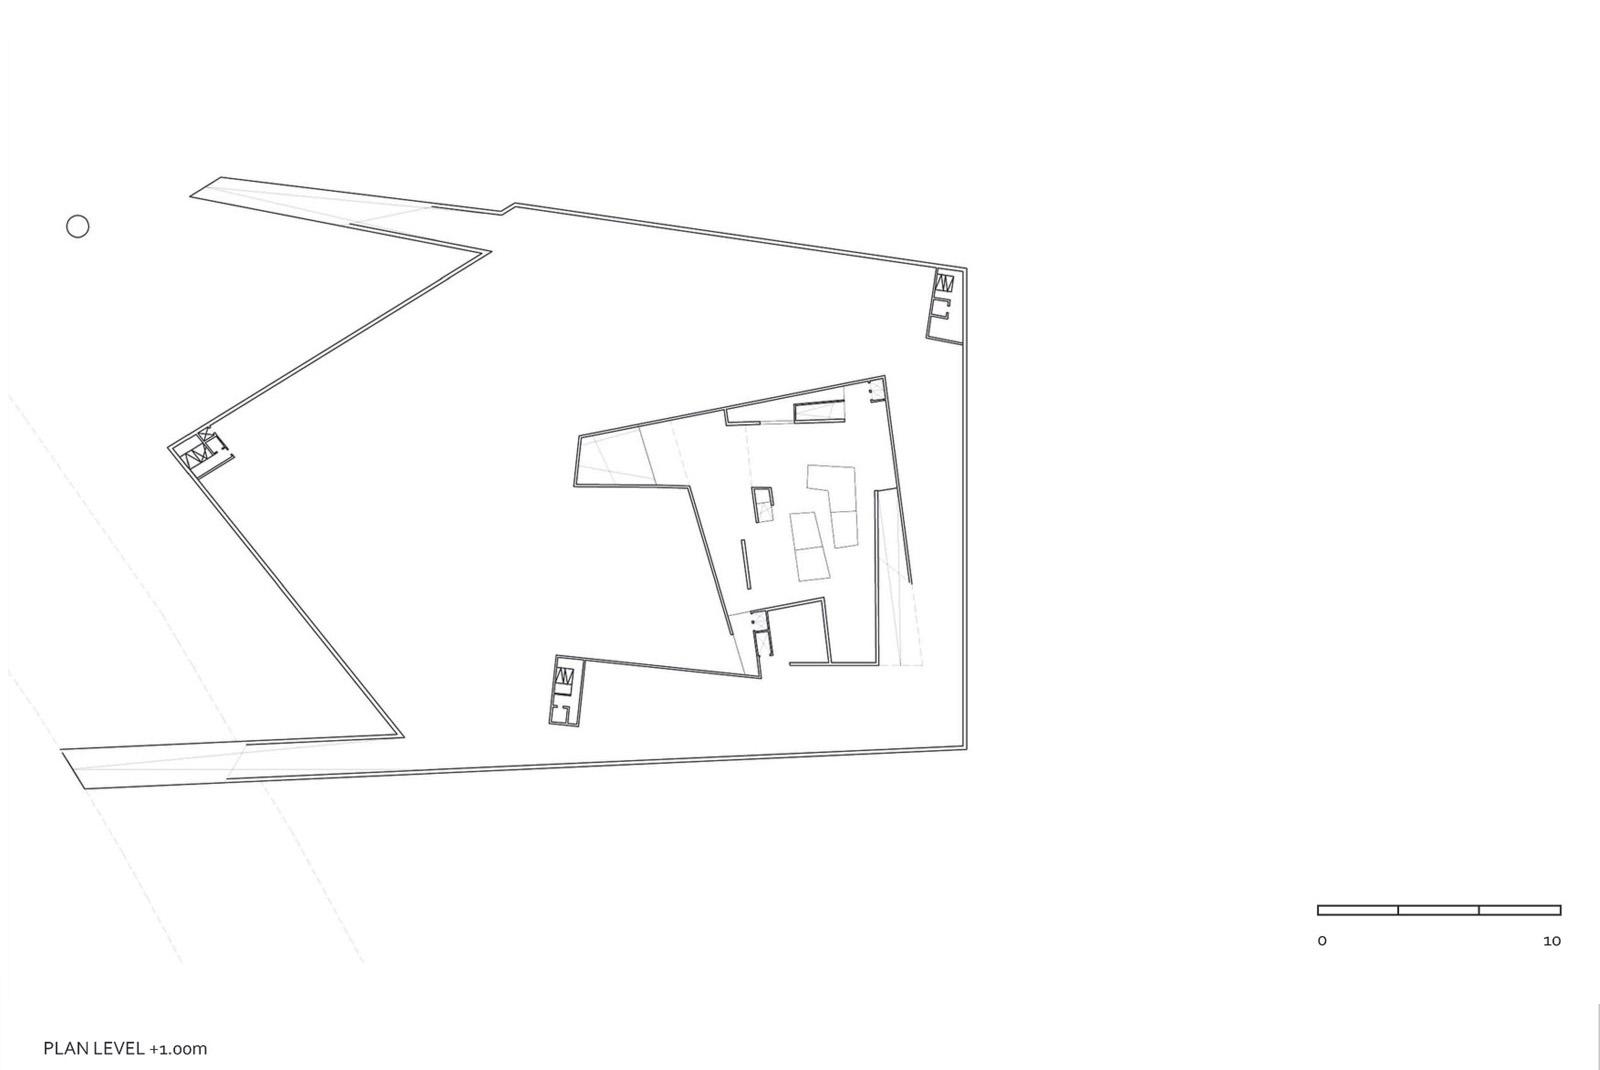 Europan7-3_plan-+1m1.jpg